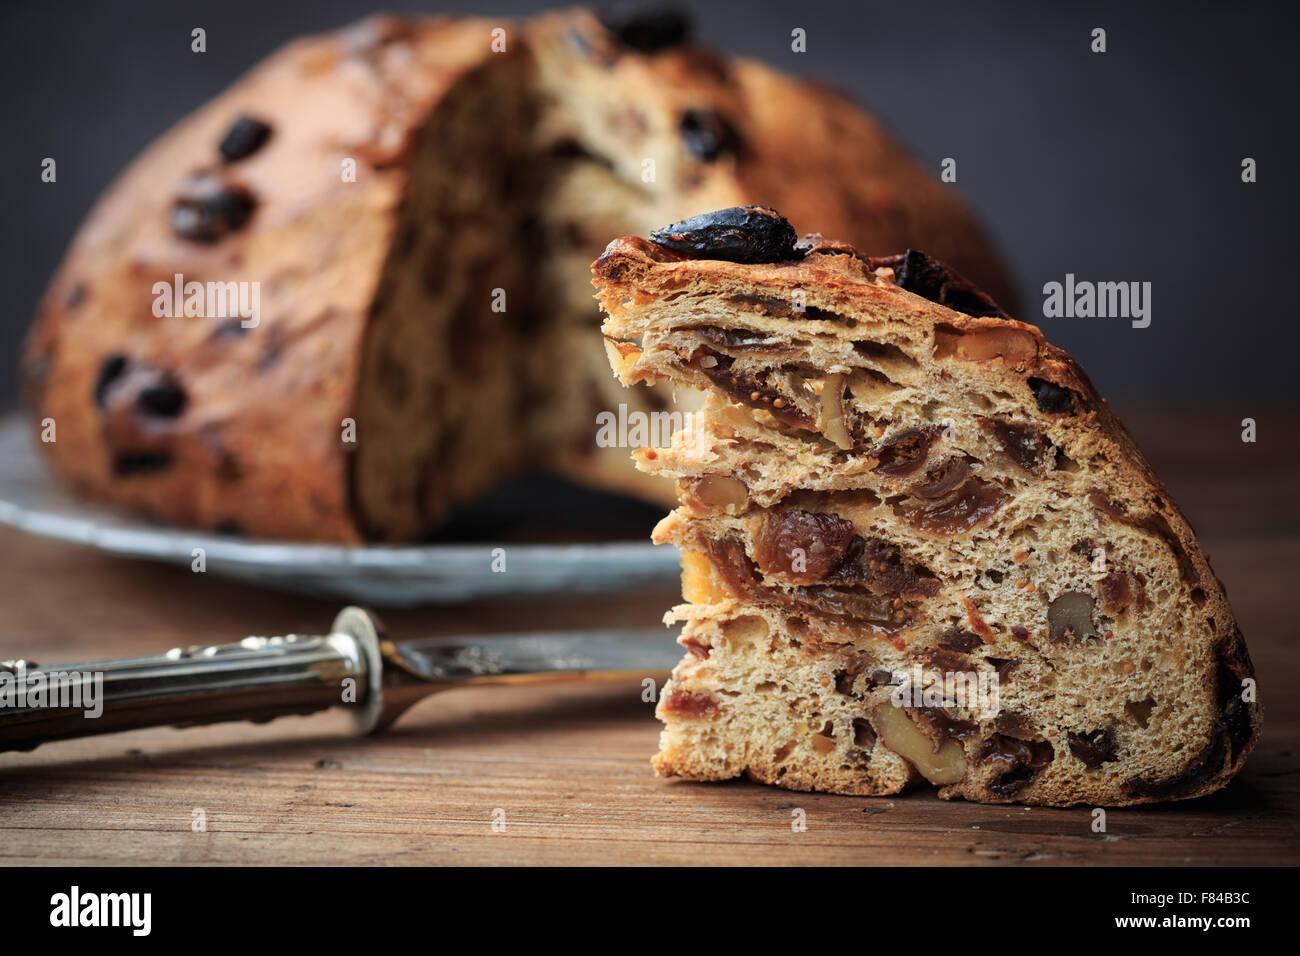 Bisciola, écrous traditionnels et les figues pain pour Noël de la vallée de la Valteline, Italie Photo Stock